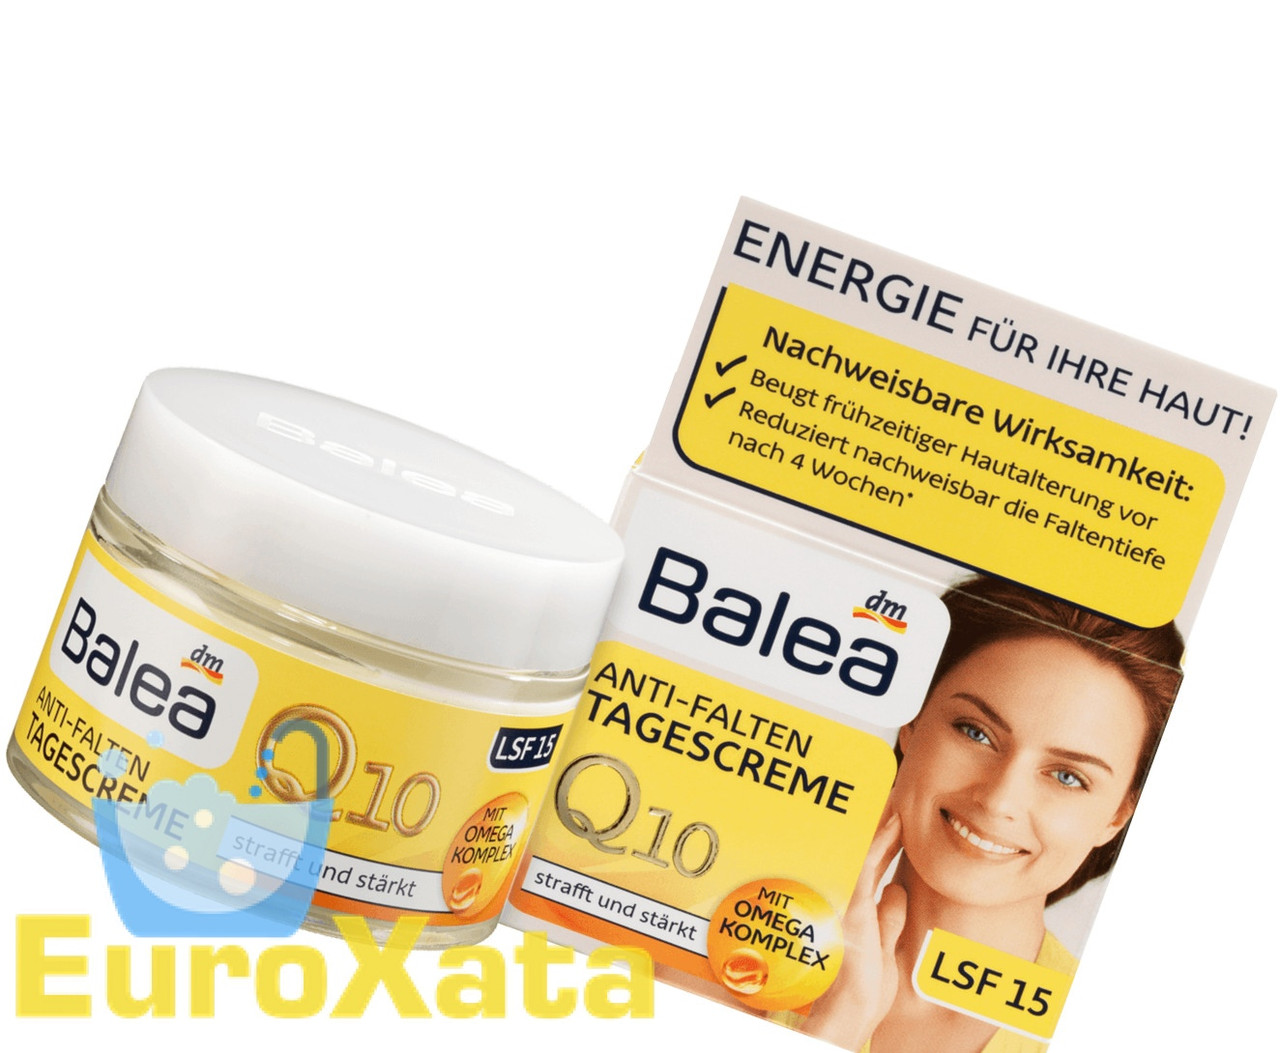 Крем для лица Balea Anti-Falten Q10 ДЕНЬ от морщин